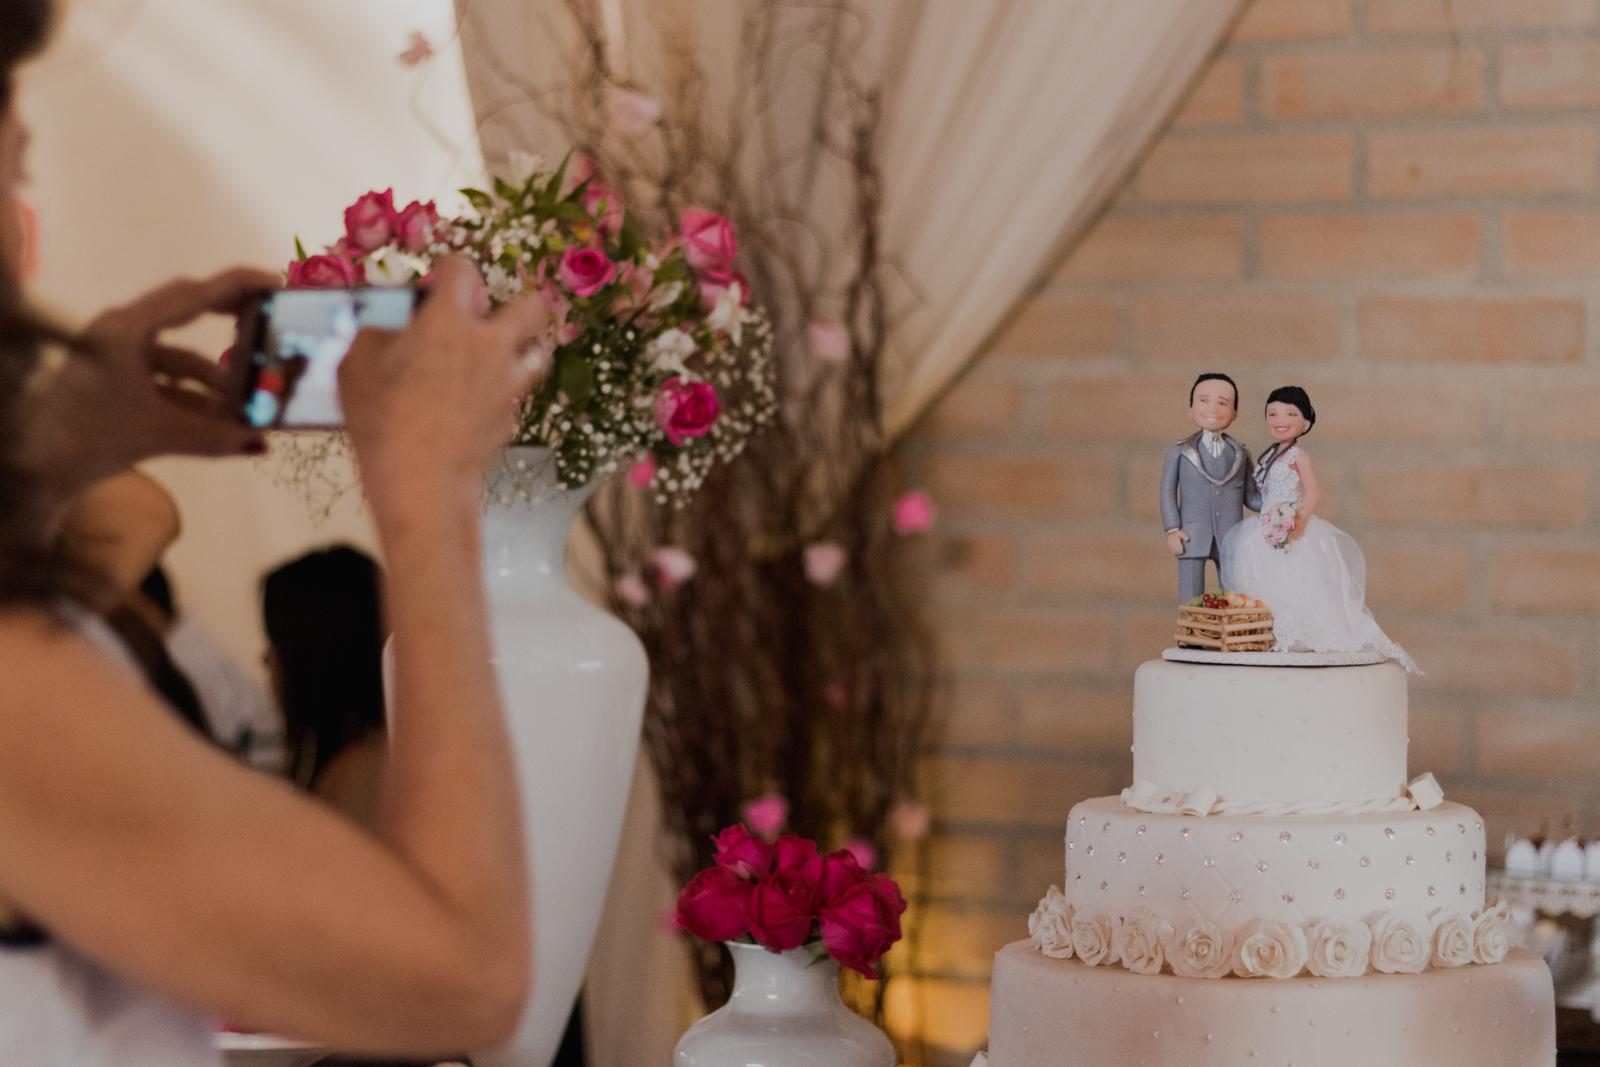 convidada fotografando bolo casamento